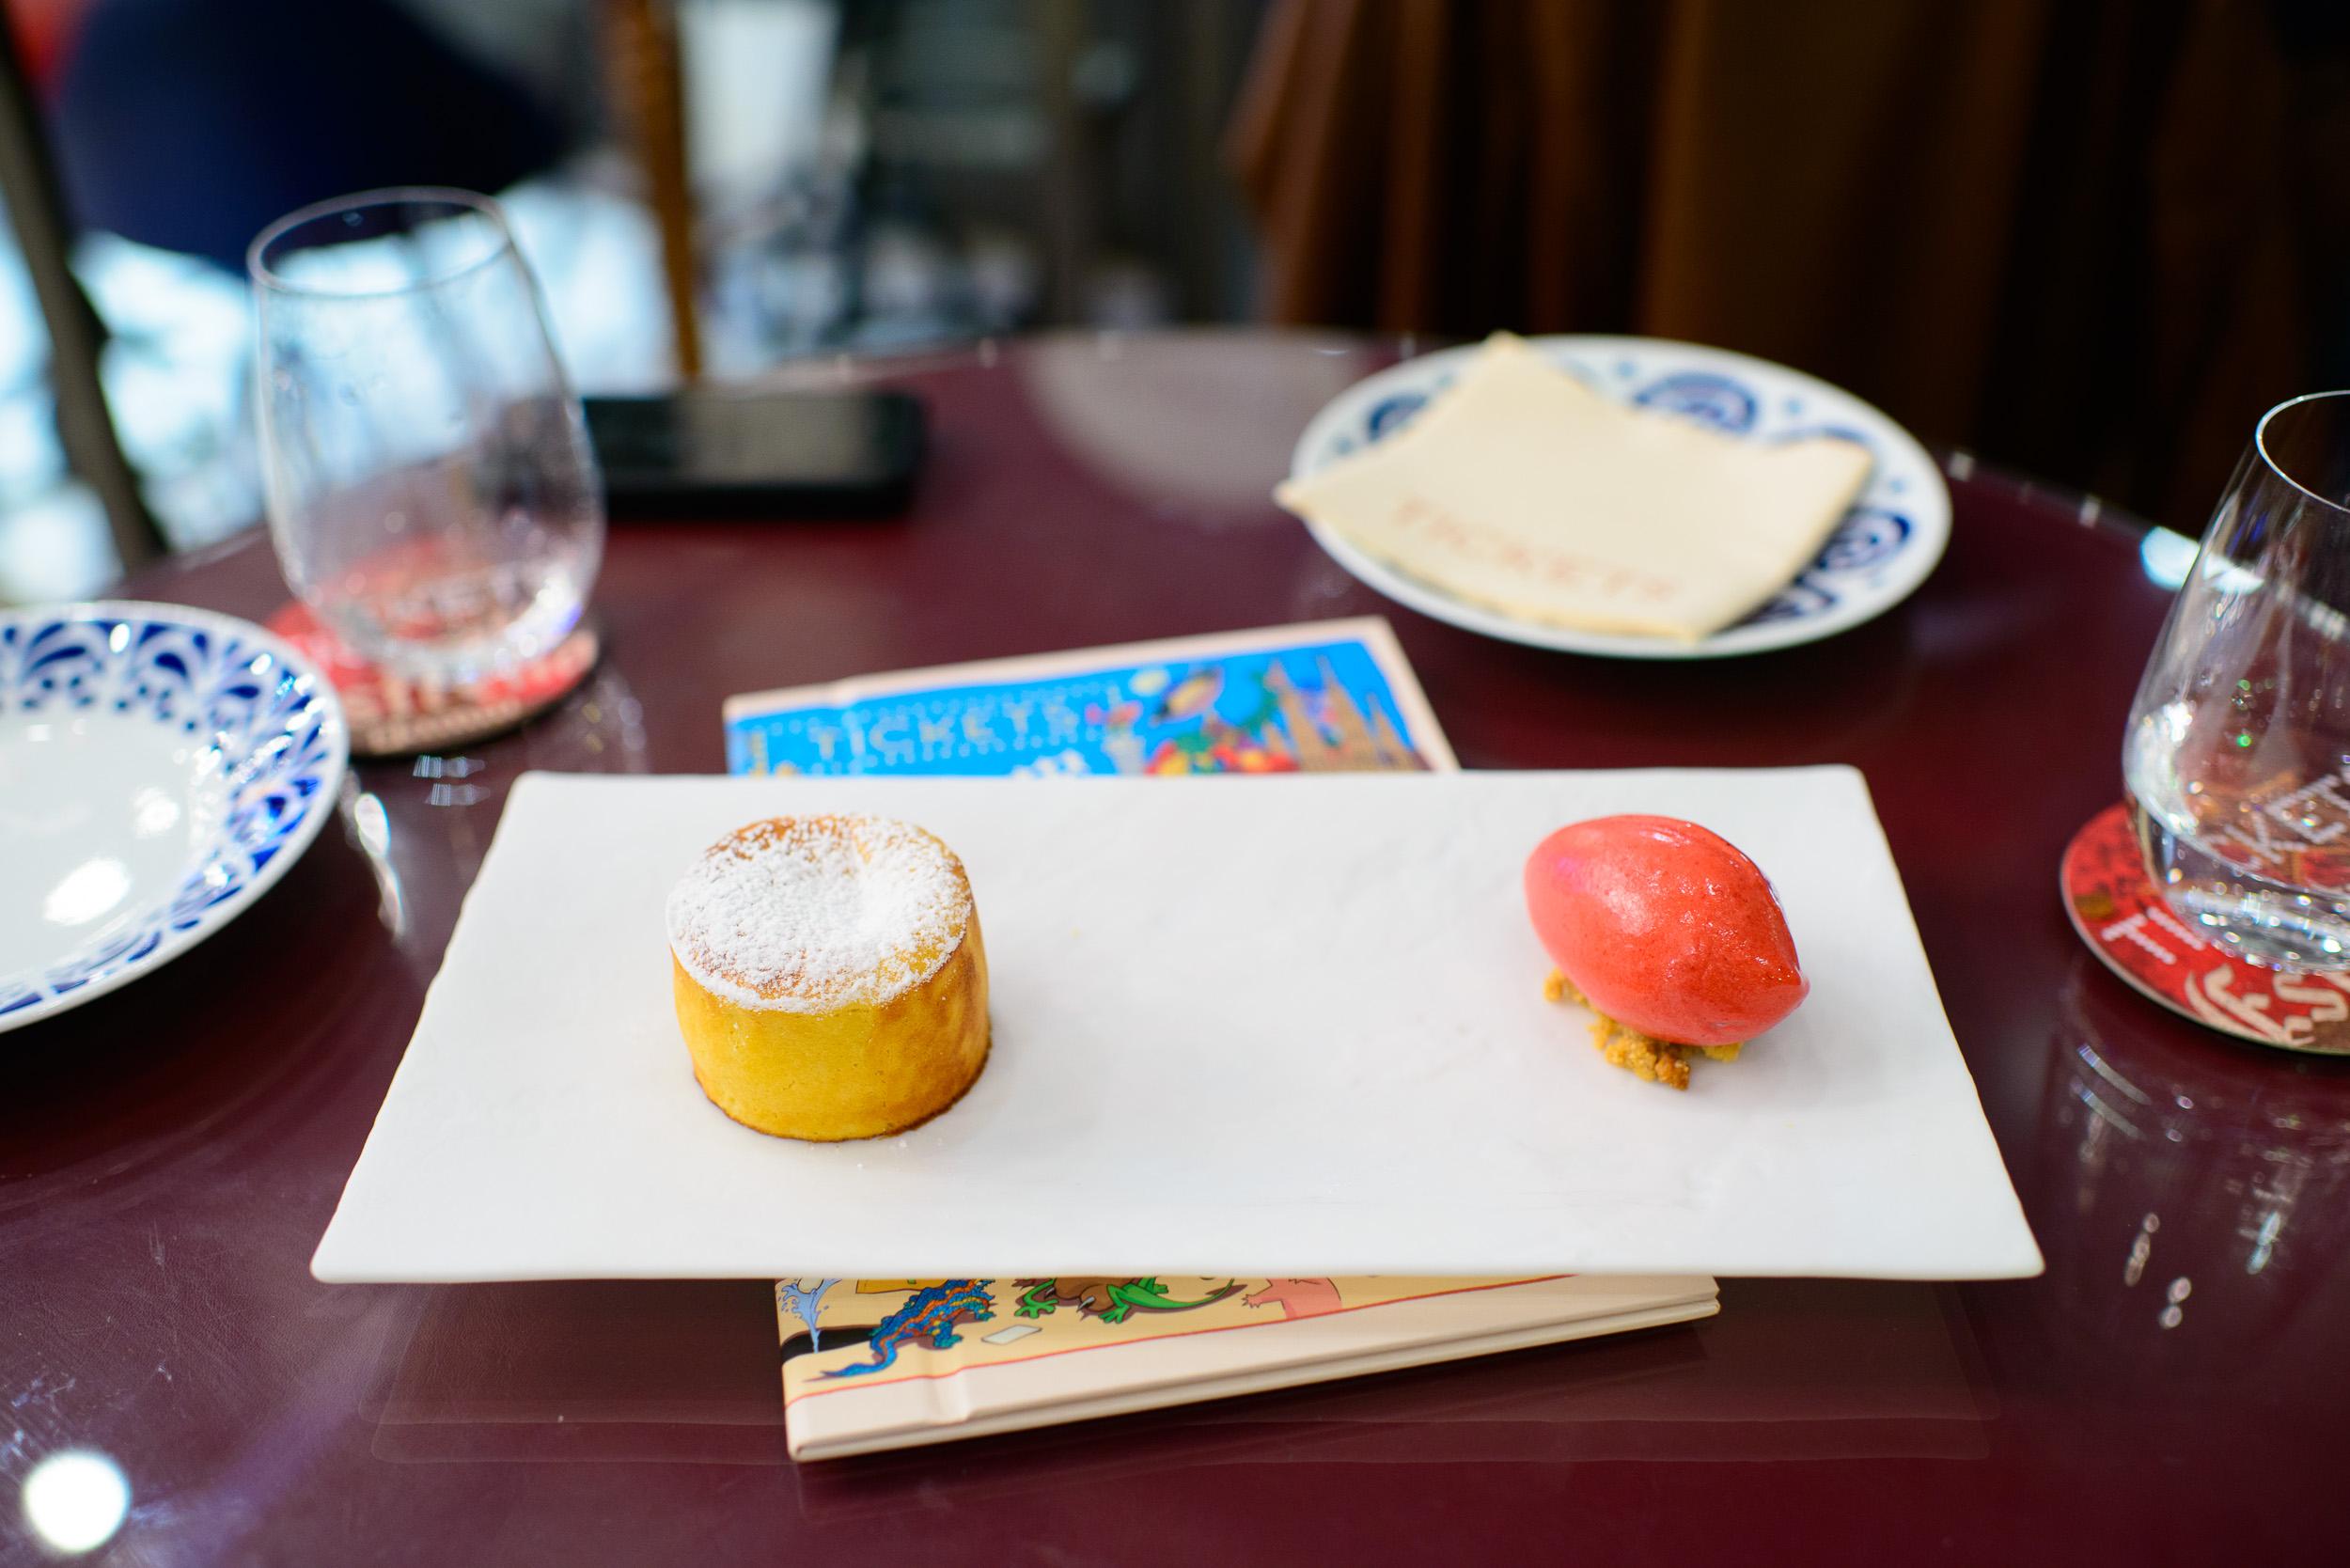 26th Course: Pastel tibio de almendra